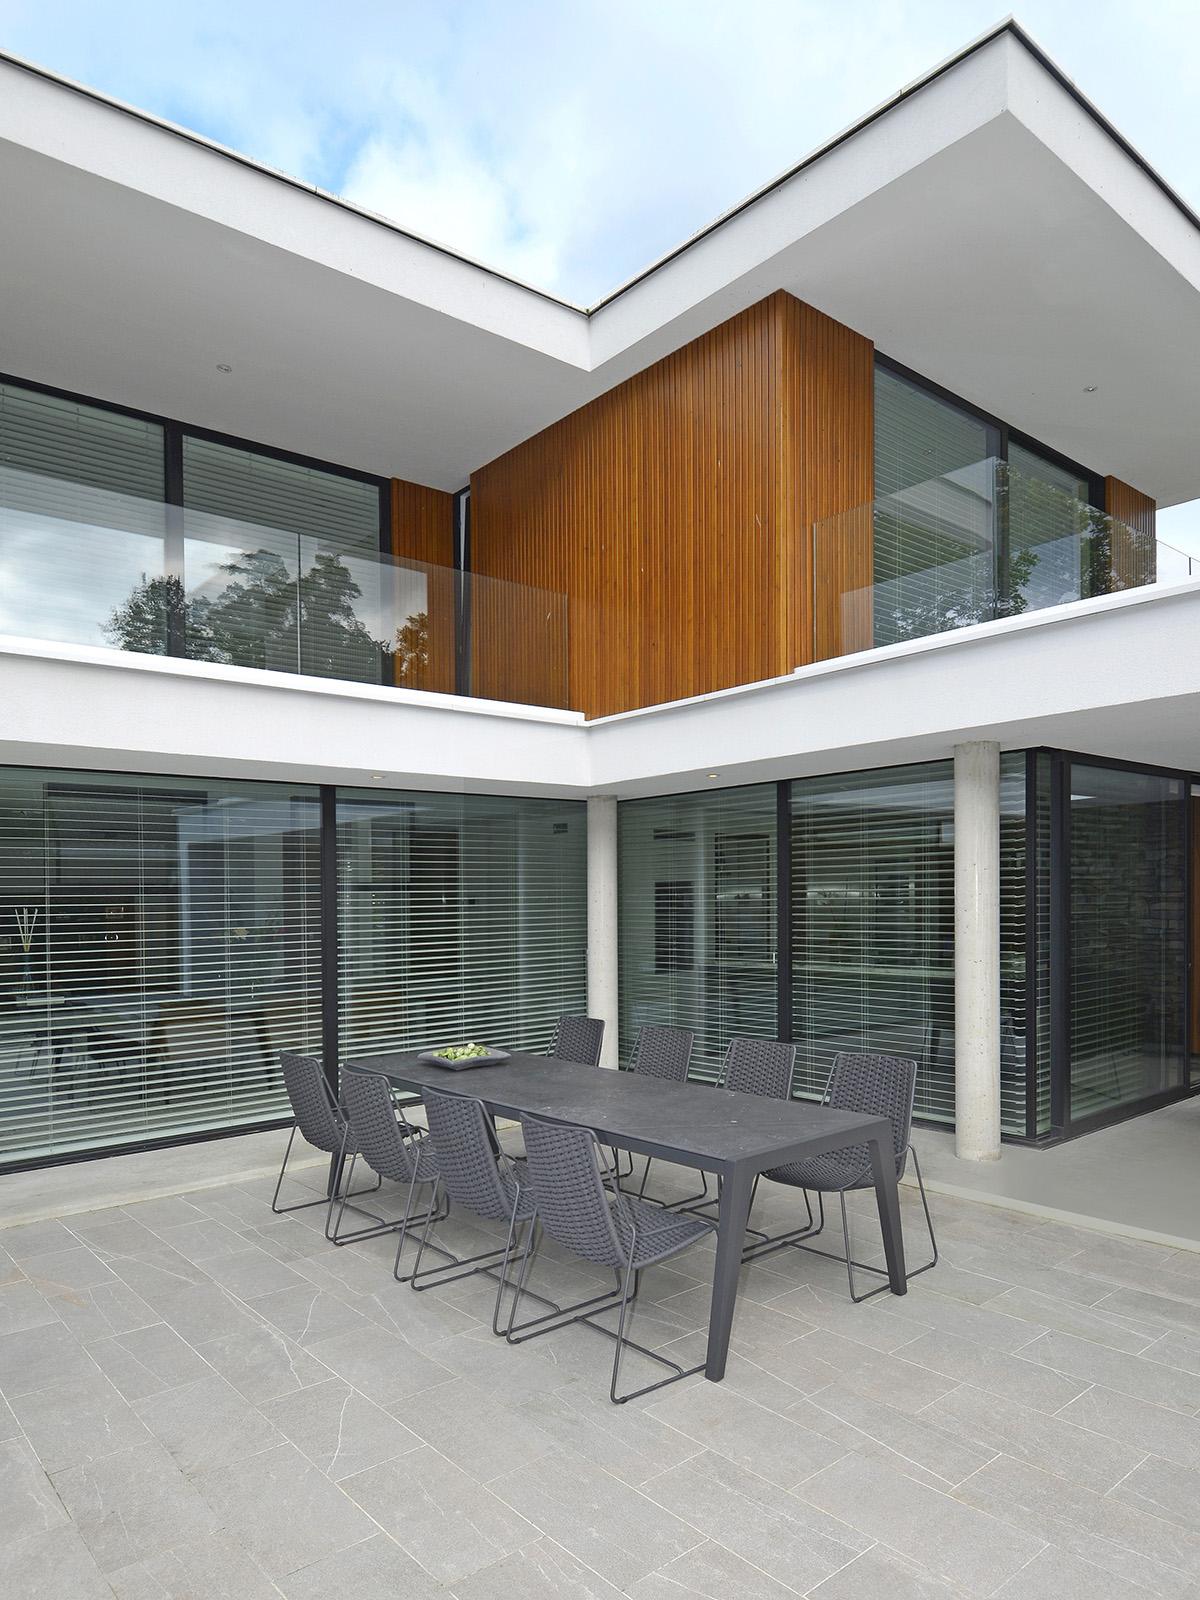 Borek Dekton Boomerang table, Frans van Rens, Outdoor living, Tuinmeubelen, Terras, Exclusieve tuinstoelen